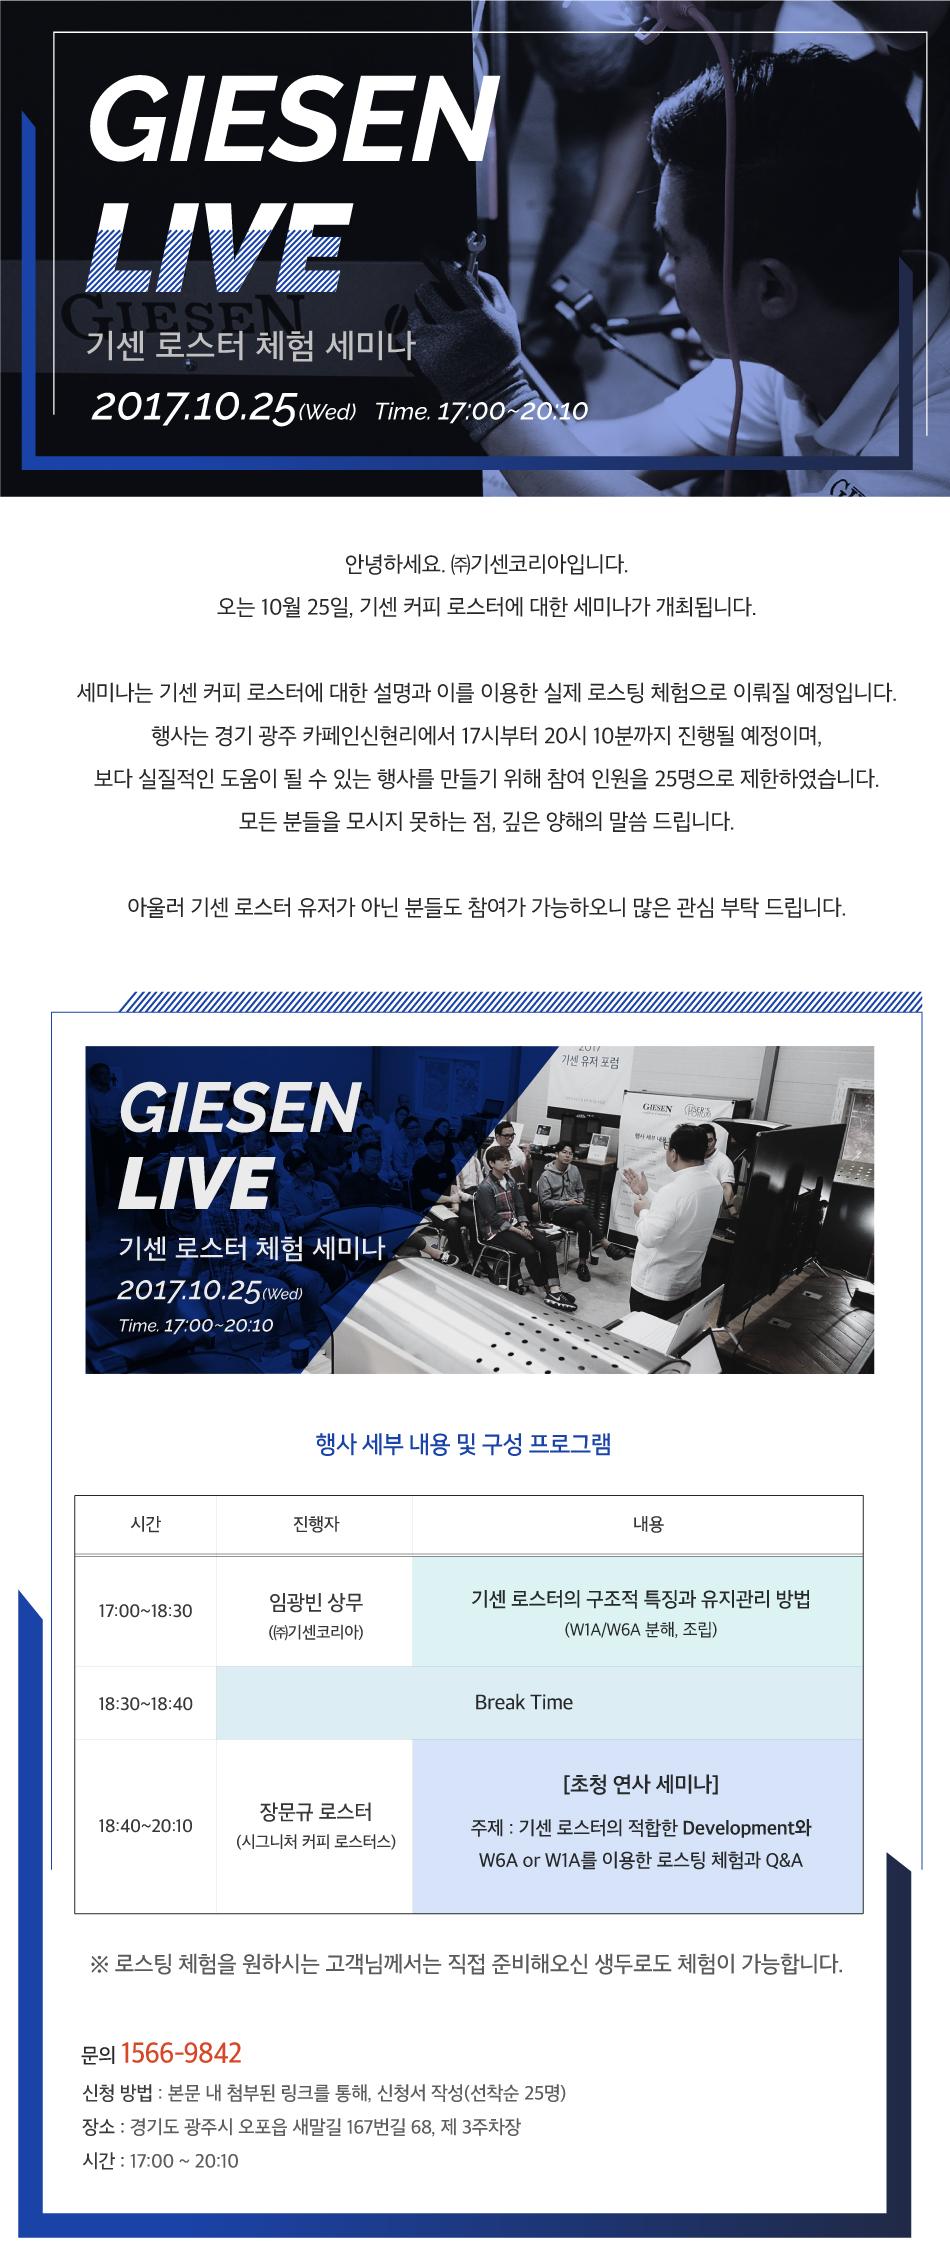 [기센코리아]-기센라이브2_20171012.jpg